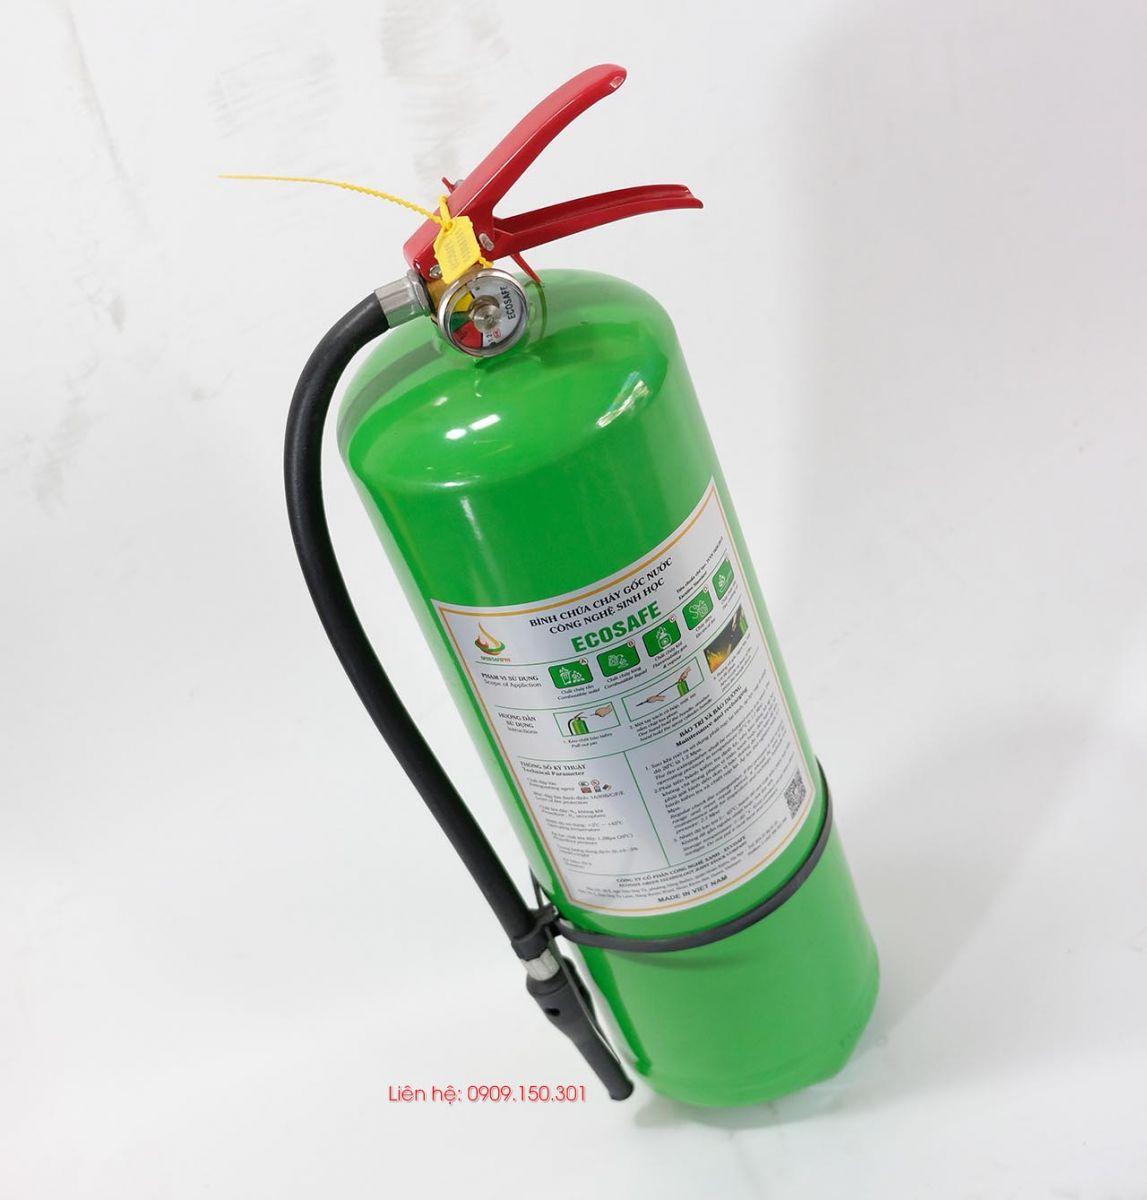 Bình chữa cháy gốc nước ES6 6 lít Ecosafe Việt Nam